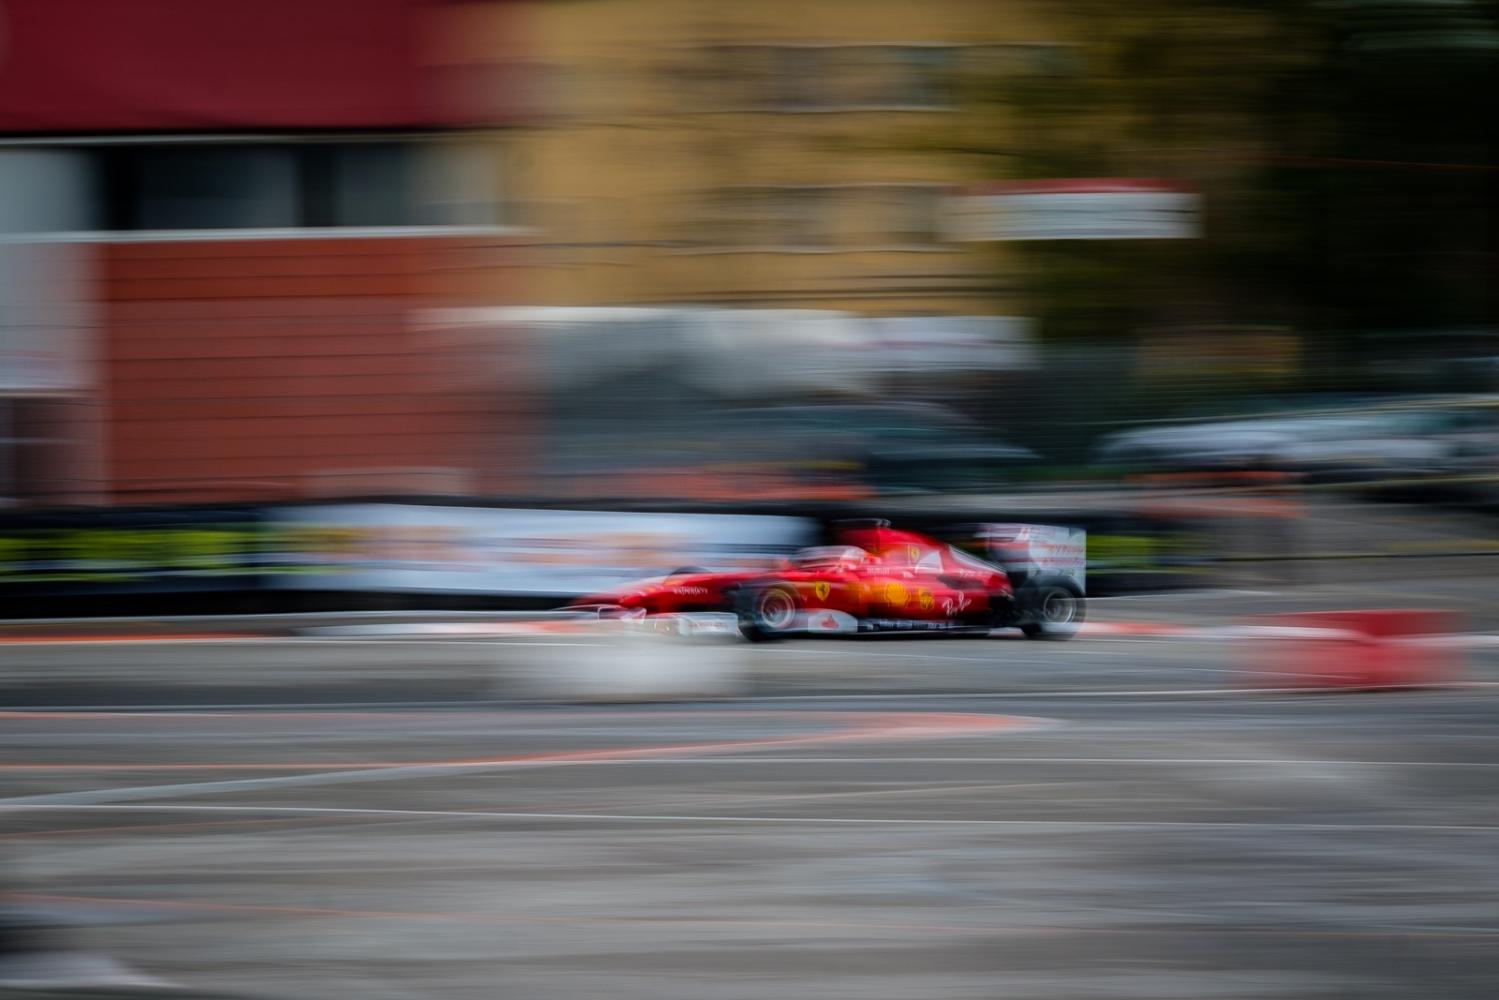 Ferrari F1 car during a show